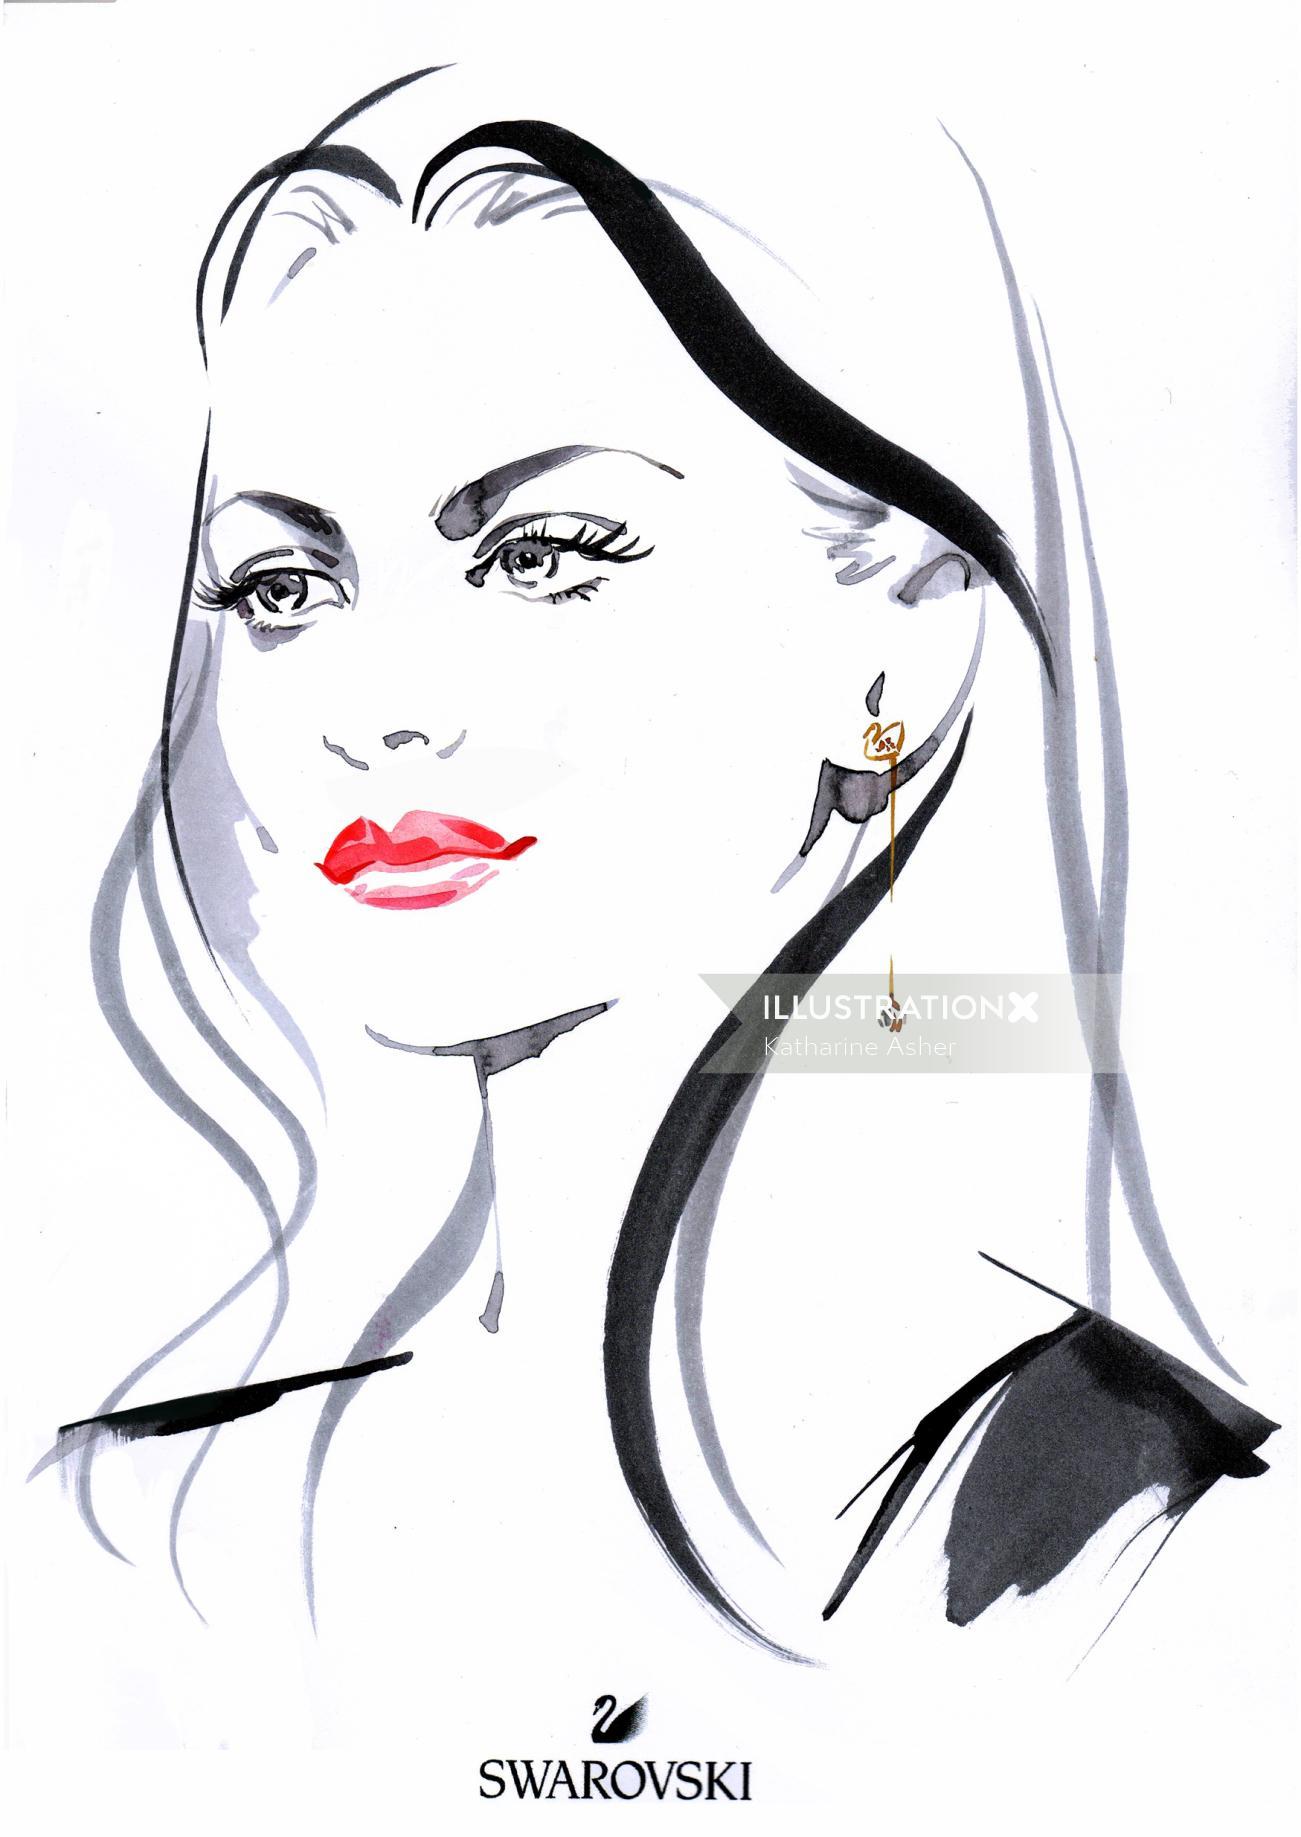 Line art of the model wearing earrings